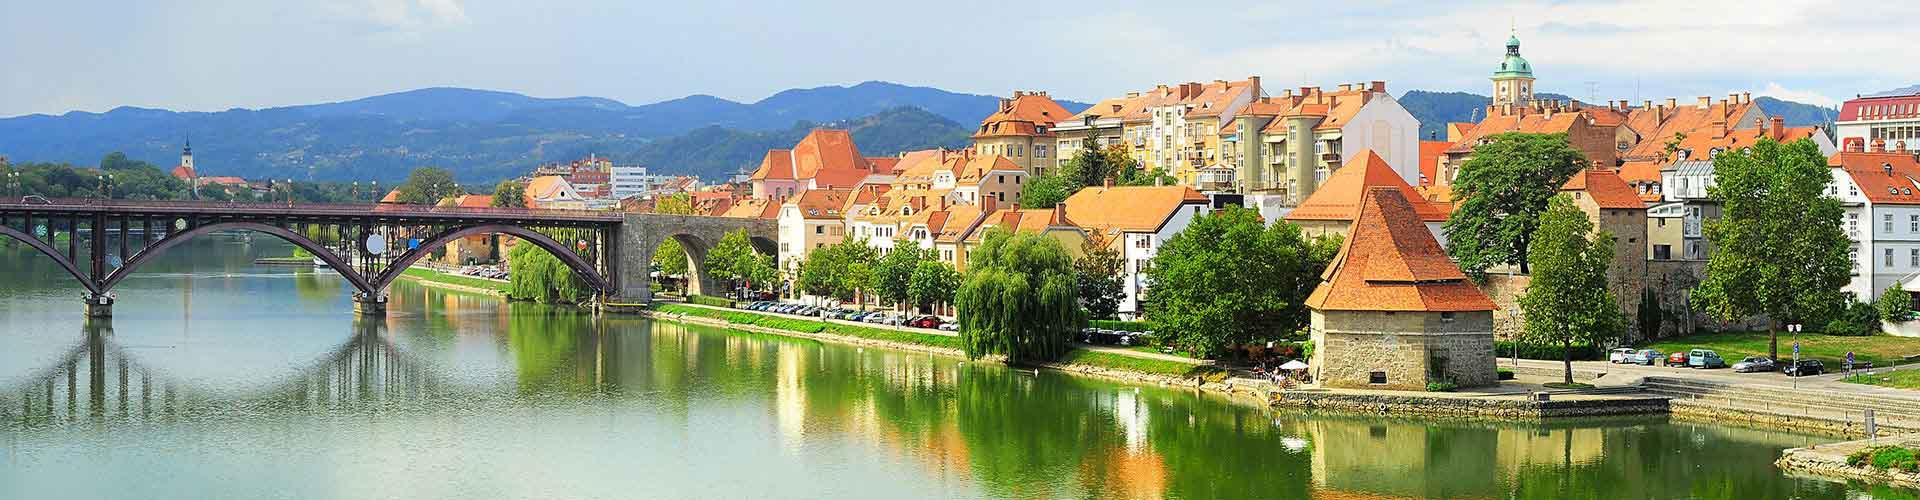 Maribor – Albergues em Maribor. Mapas para Maribor, Fotos e Avaliações para cada Albergue em Maribor.